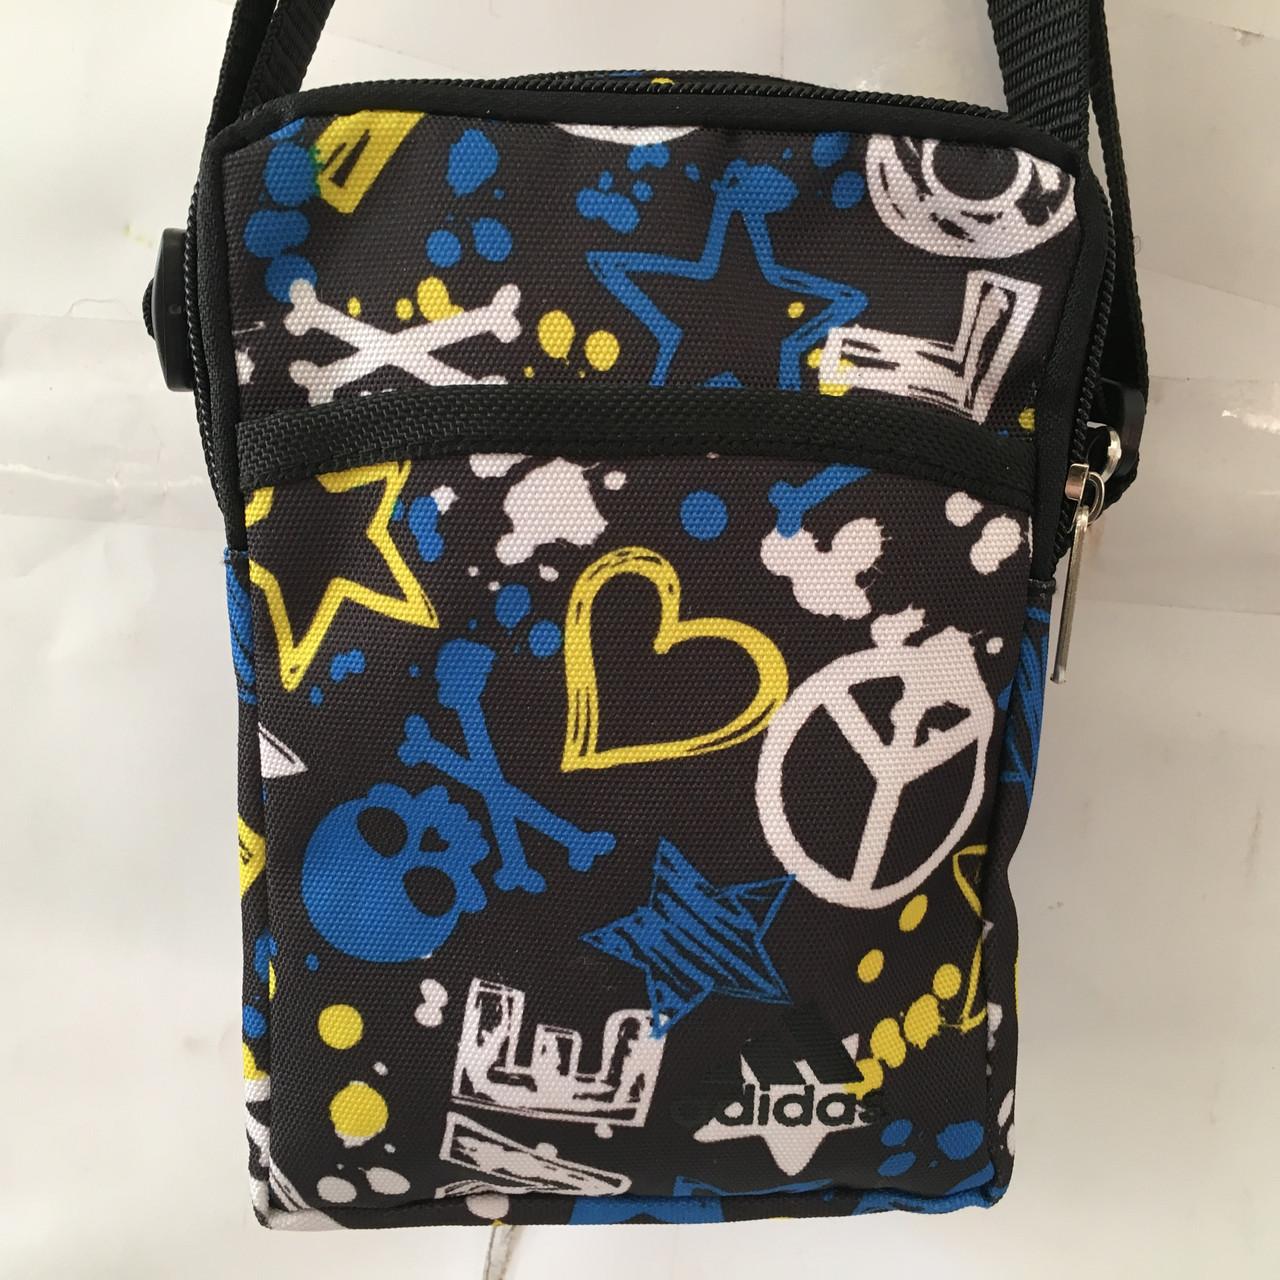 7378182104ea Высококачественная мужская сумка через плече. Удобная, практичная сумка. Мужская  сумка Адидас